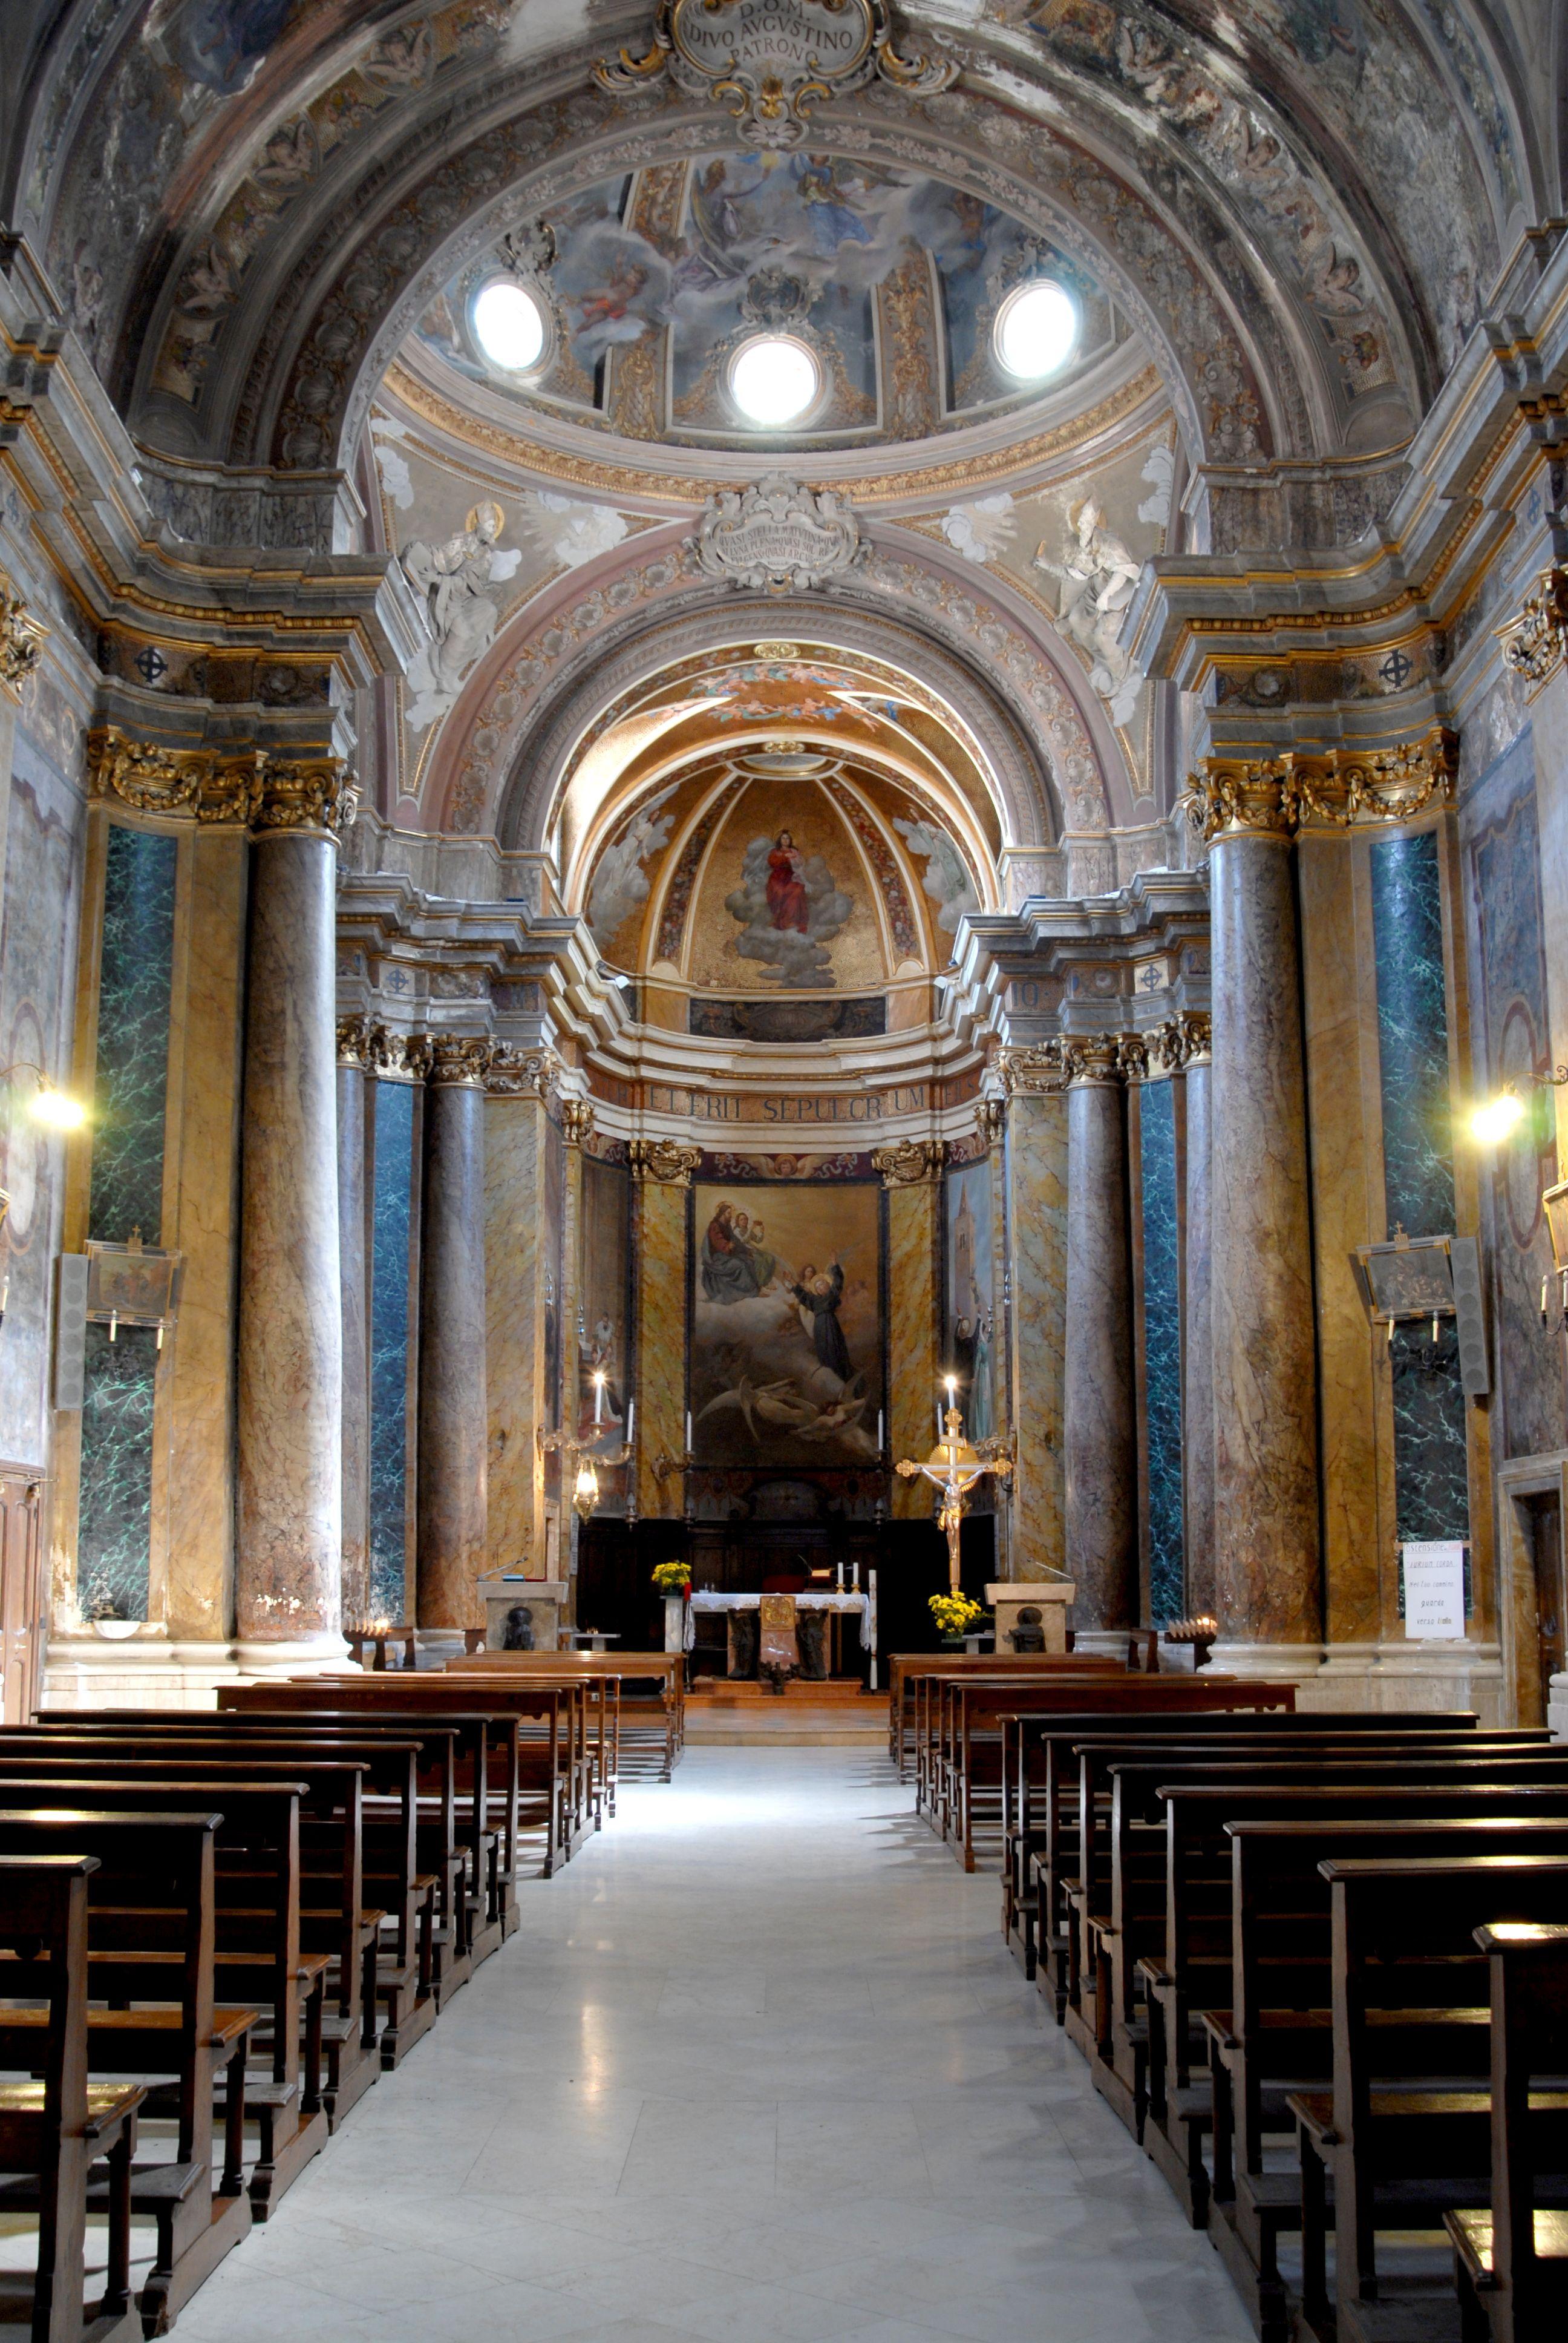 Chiesa del beato antonio interno della chiesa for Via san fermo milano